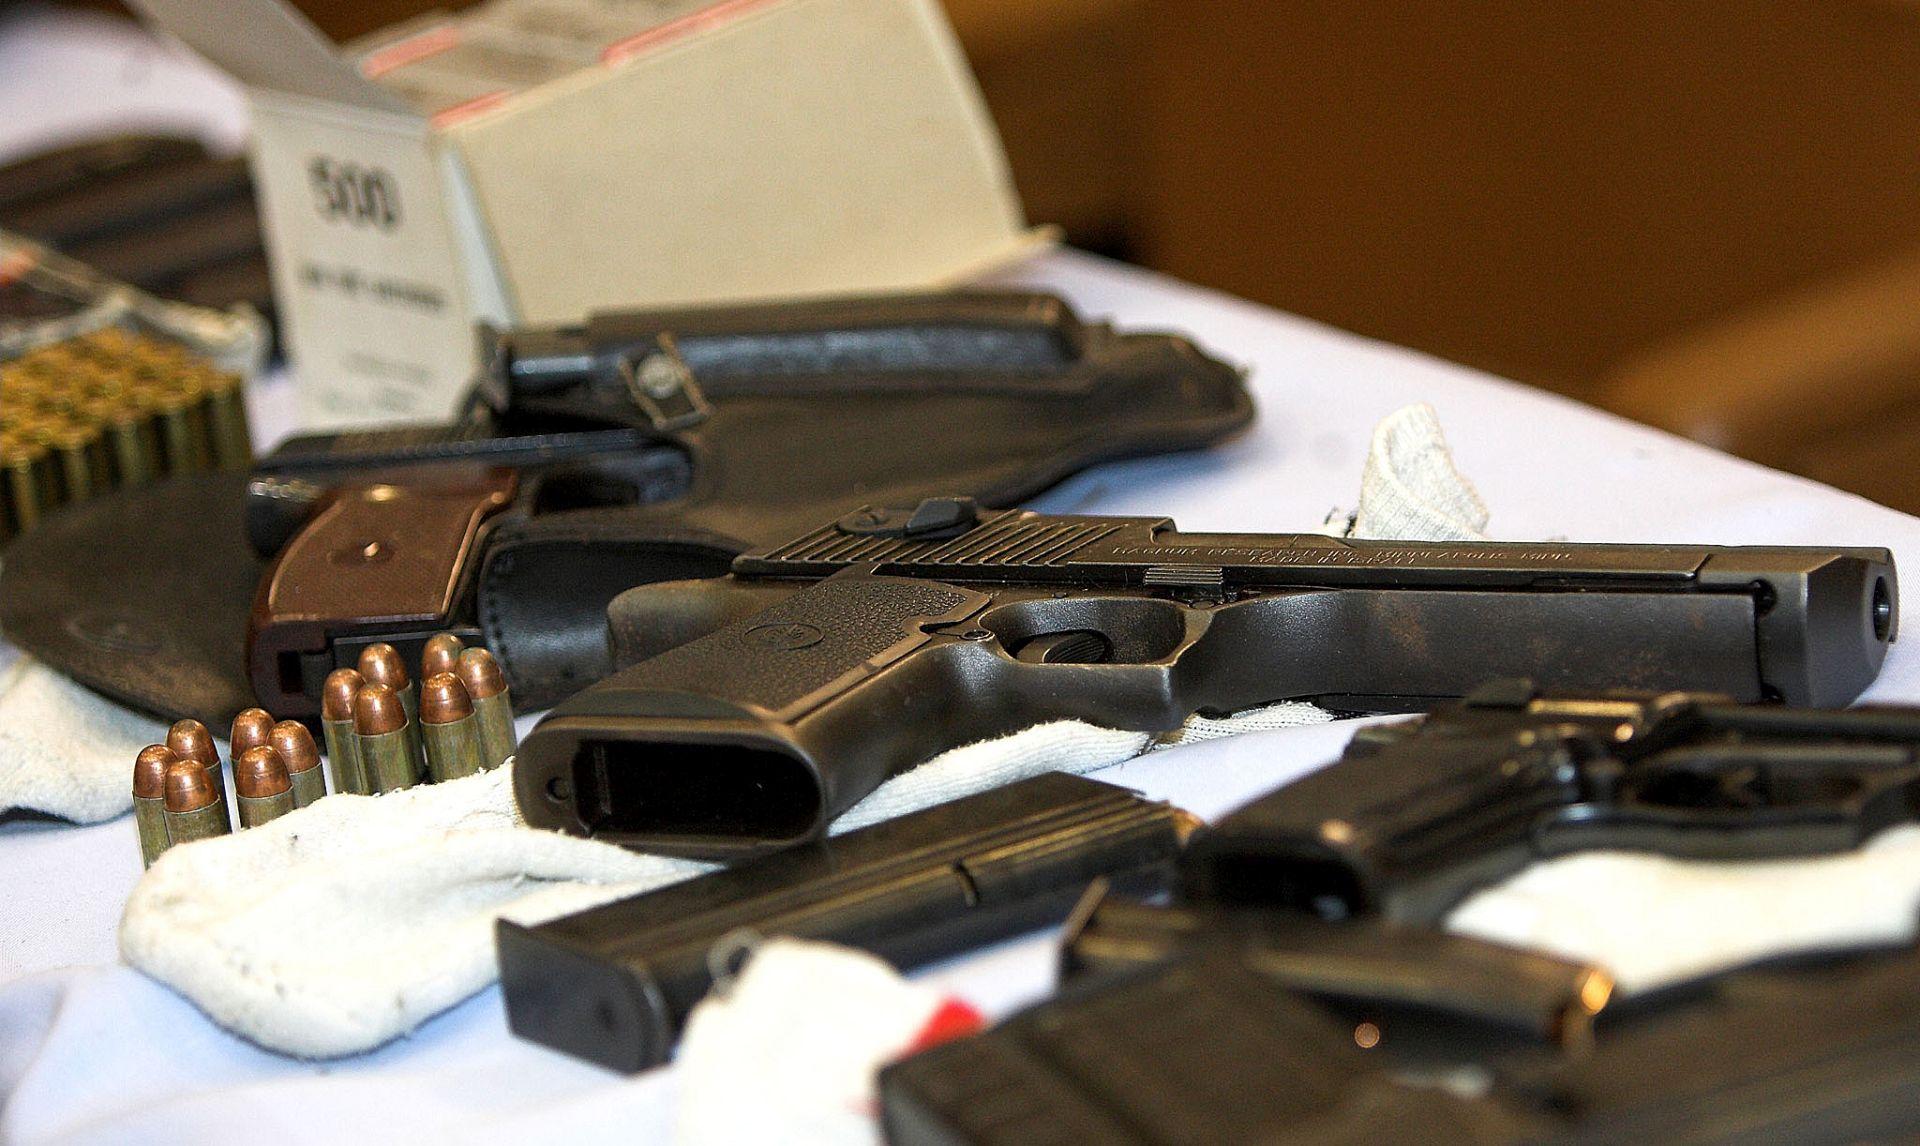 ISTRAŽIVANJE Trgovina oružjem na najvišoj razini od Hladnog rata